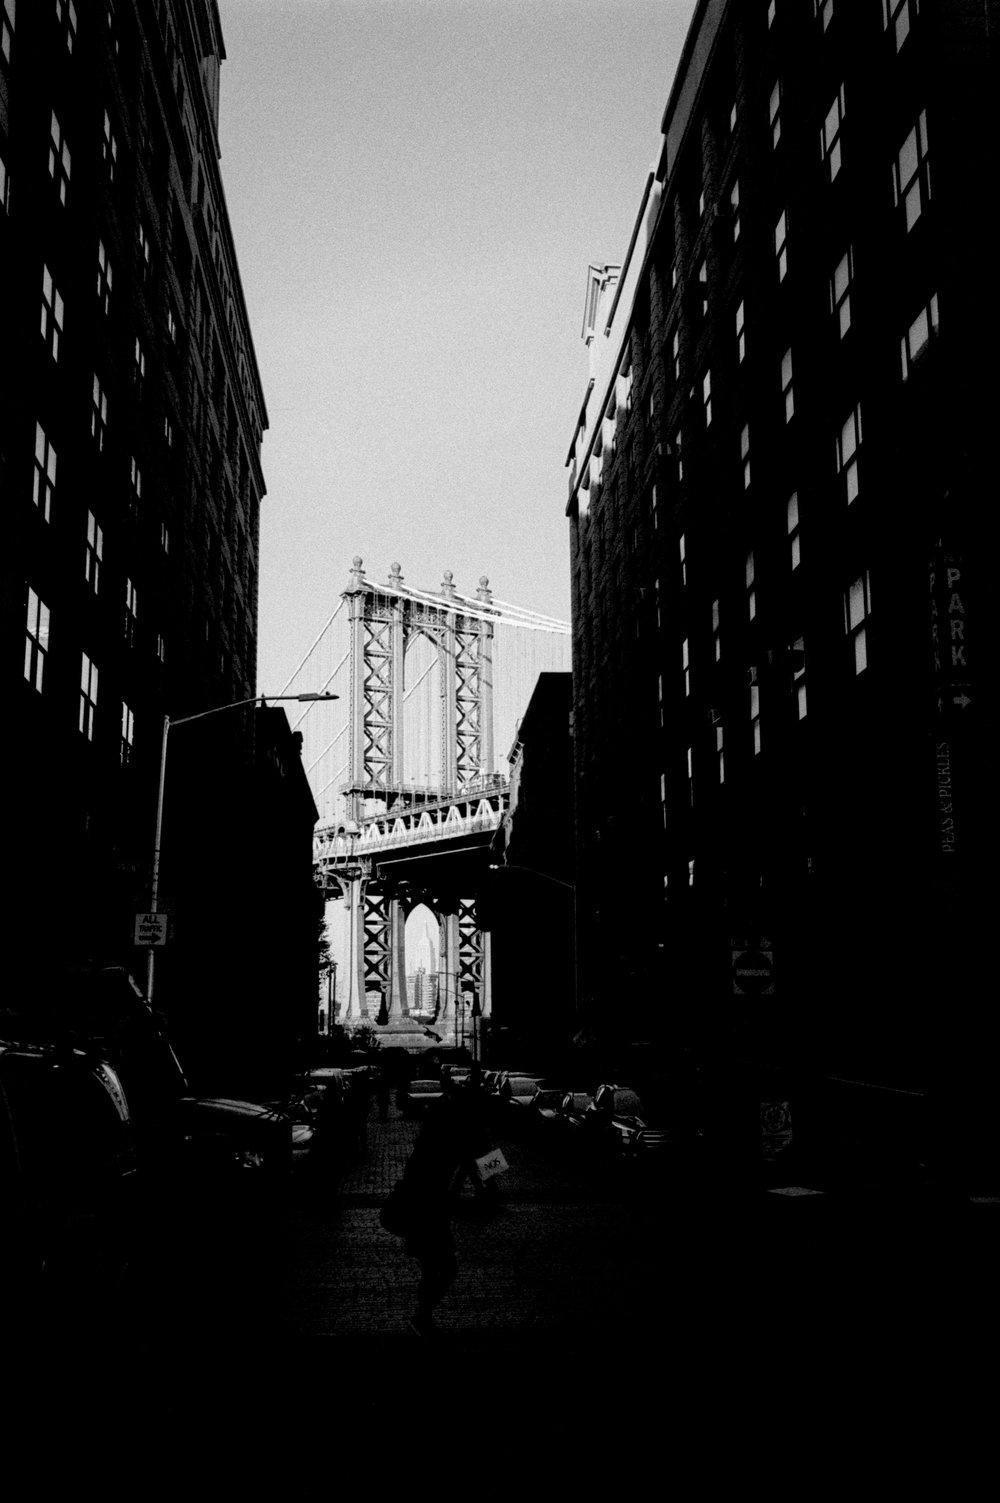 New_York_City_Brooklyn_Bridge_35mm_Scan.jpg